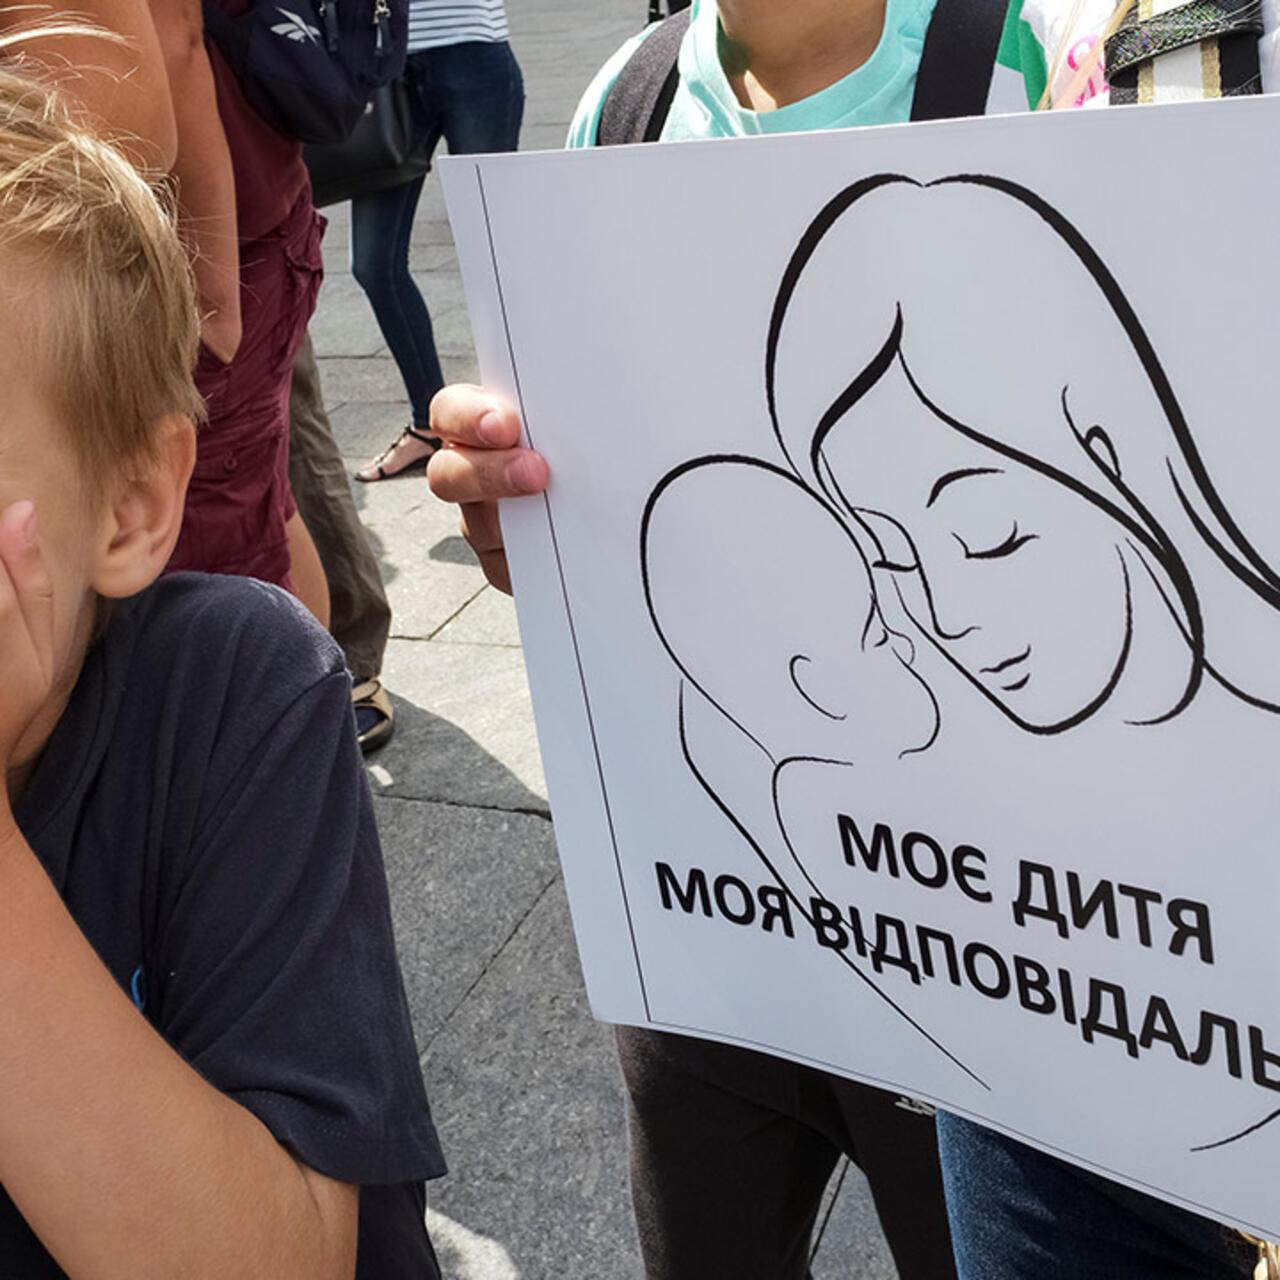 2020_04_11-anti-vax-protest-ukraine-aug-